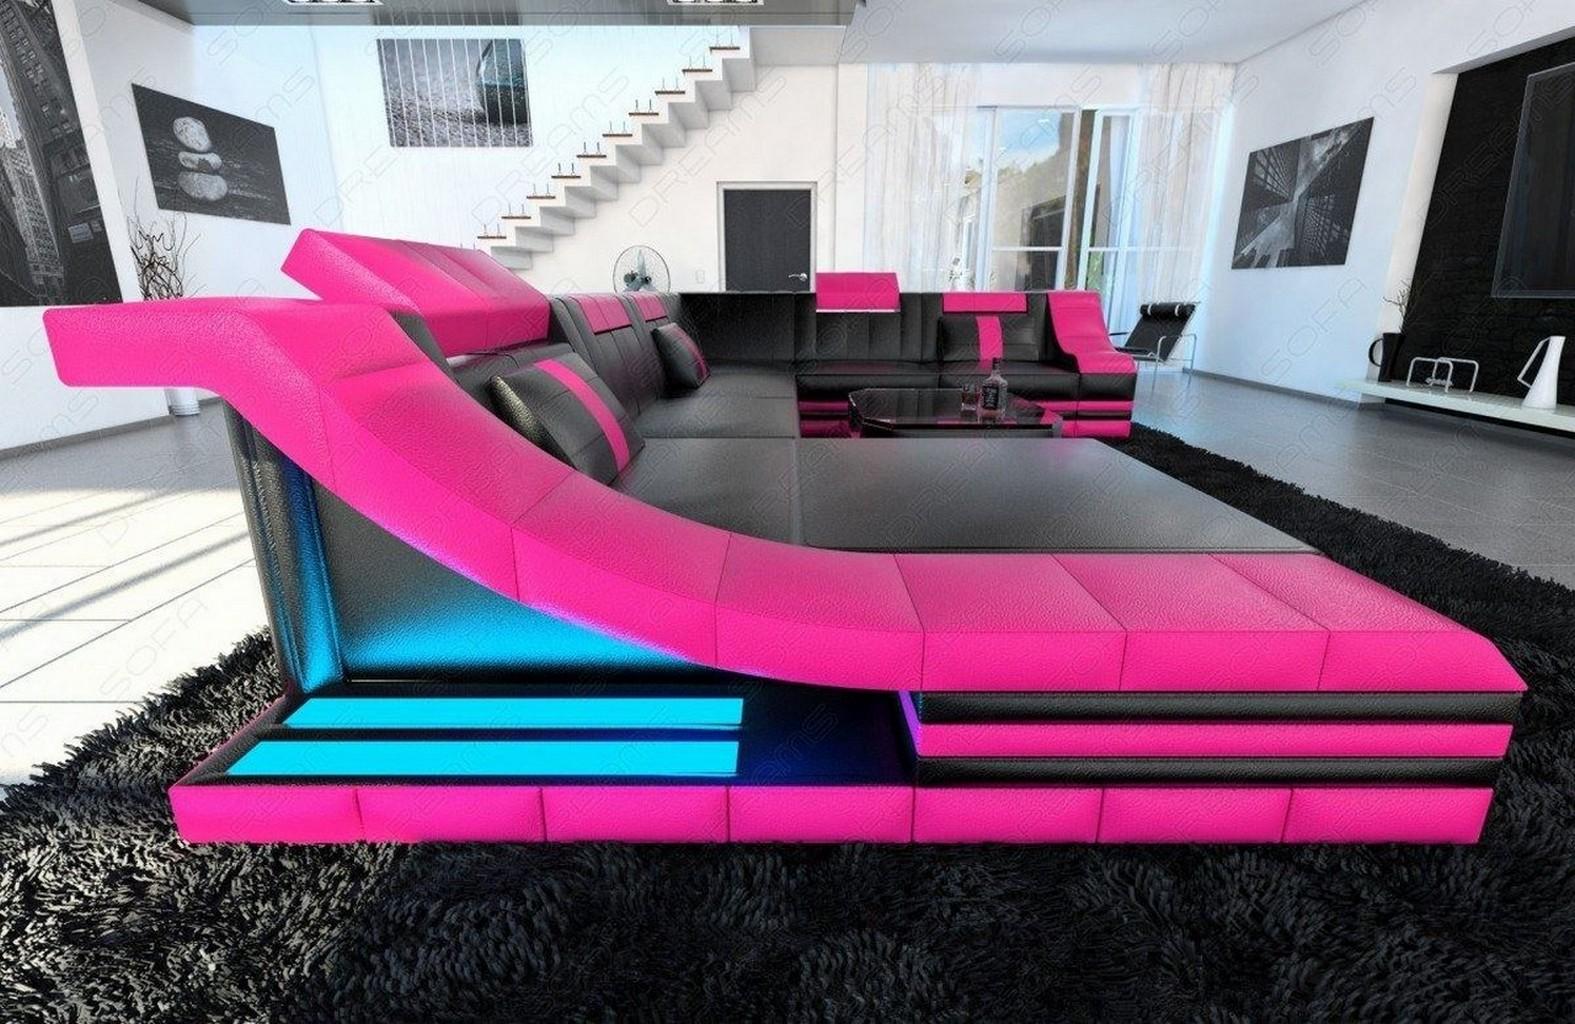 designersofa leder wohnlandschaft turino xxl mit led. Black Bedroom Furniture Sets. Home Design Ideas